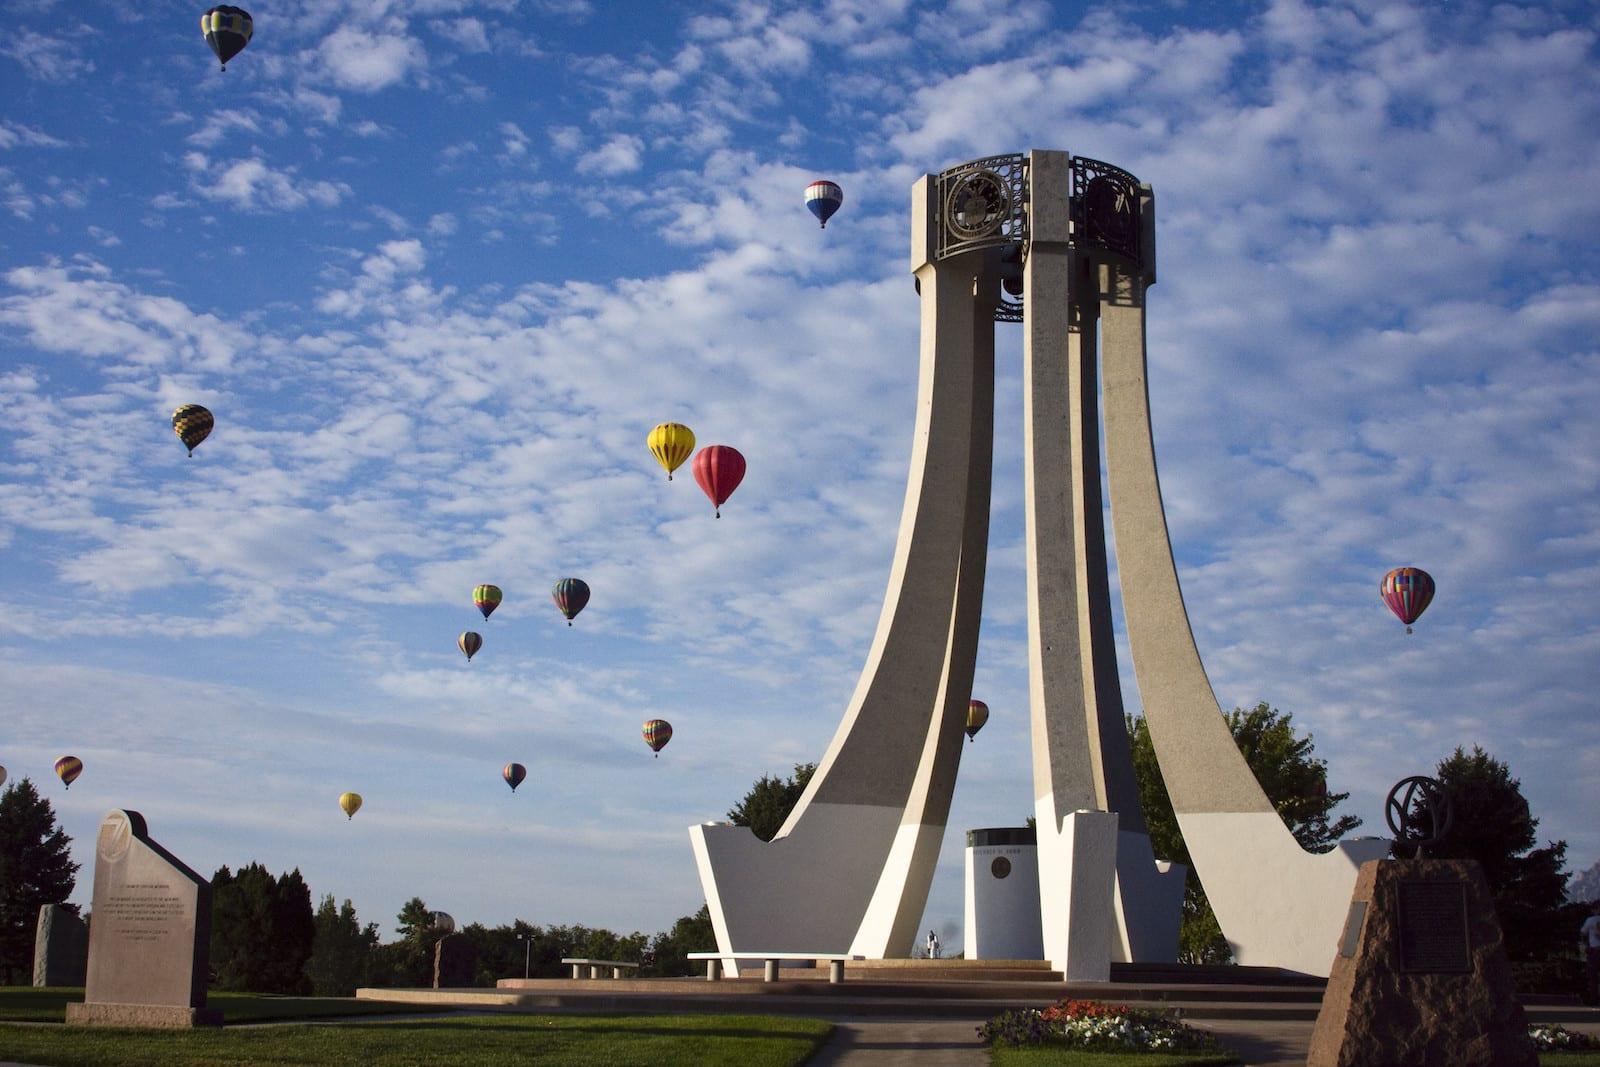 Balloon Classic in Memorial Park, Colorado Springs